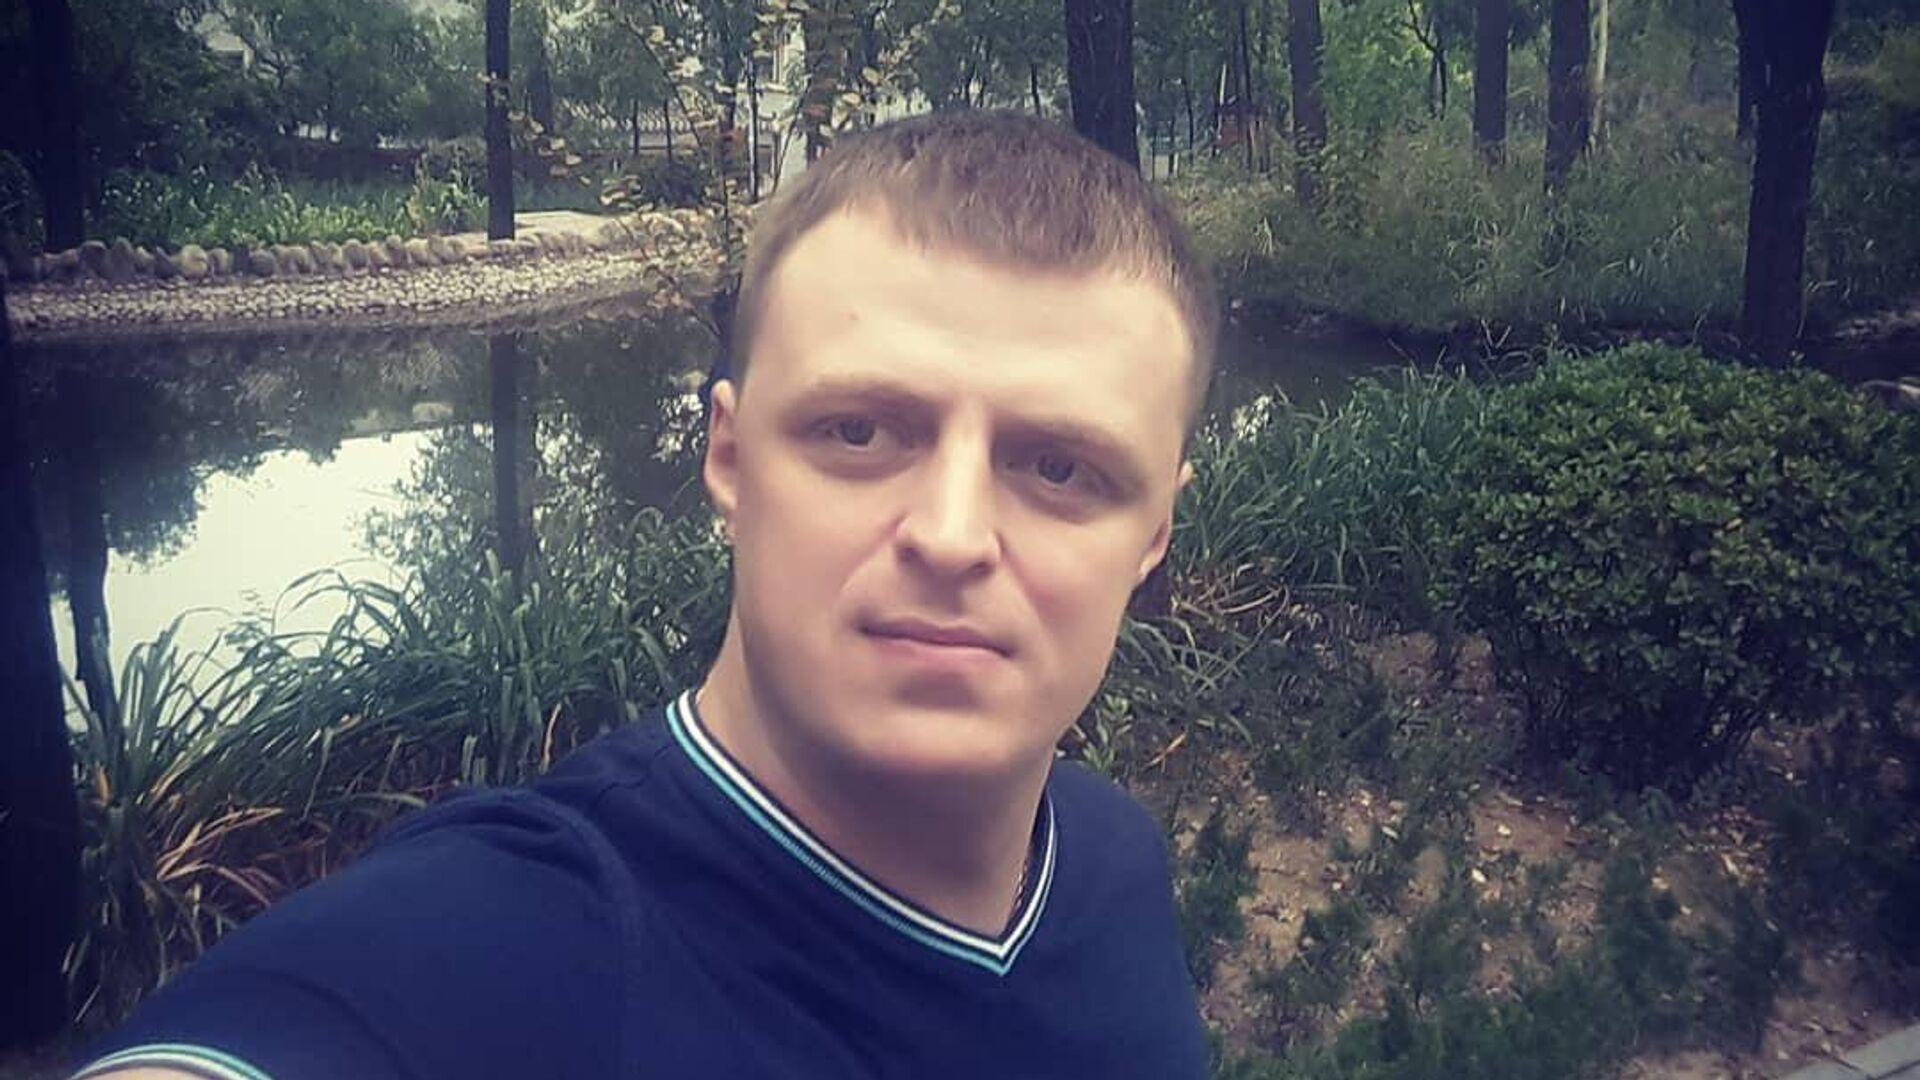 1578207407 0:236:1080:844 1920x0 80 0 0 745c9d5fa4ea6ab02f4758e4fa767fd7 - СМИ сообщили о задержании сына бывшего главы Хабаровского края Фургала